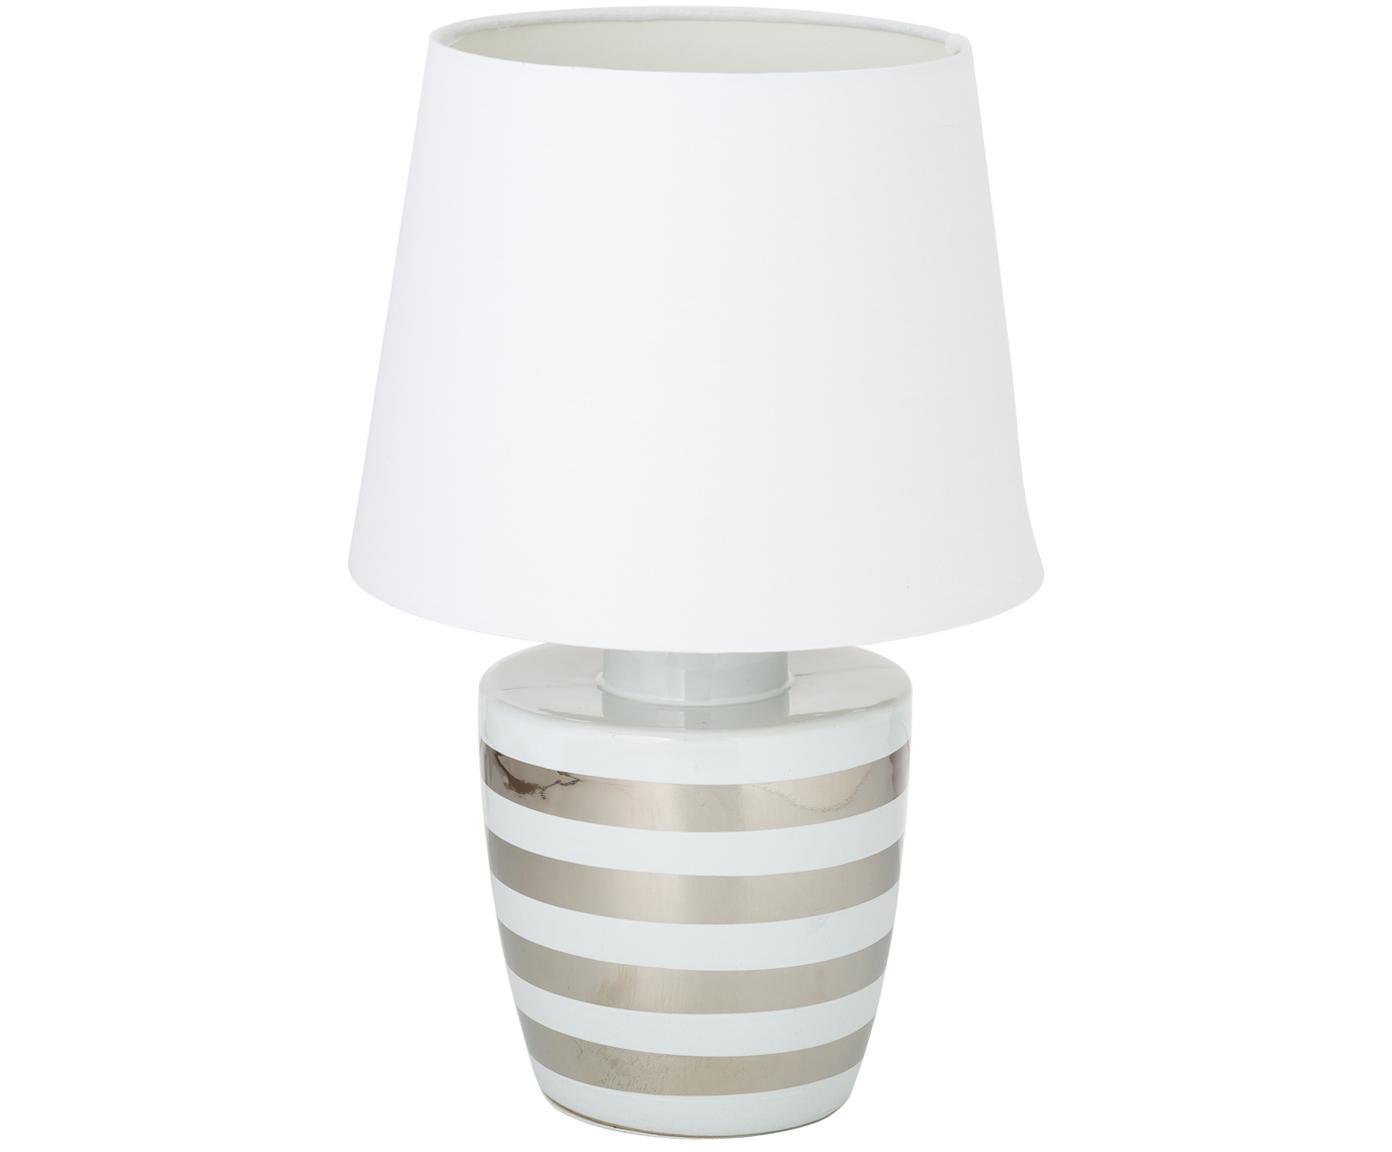 Keramik-Tischleuchte Sylvia, Lampenschirm: Textil, Lampenfuß: Keramik, Weiß, Silberfarben, Ø 25 x H 39 cm